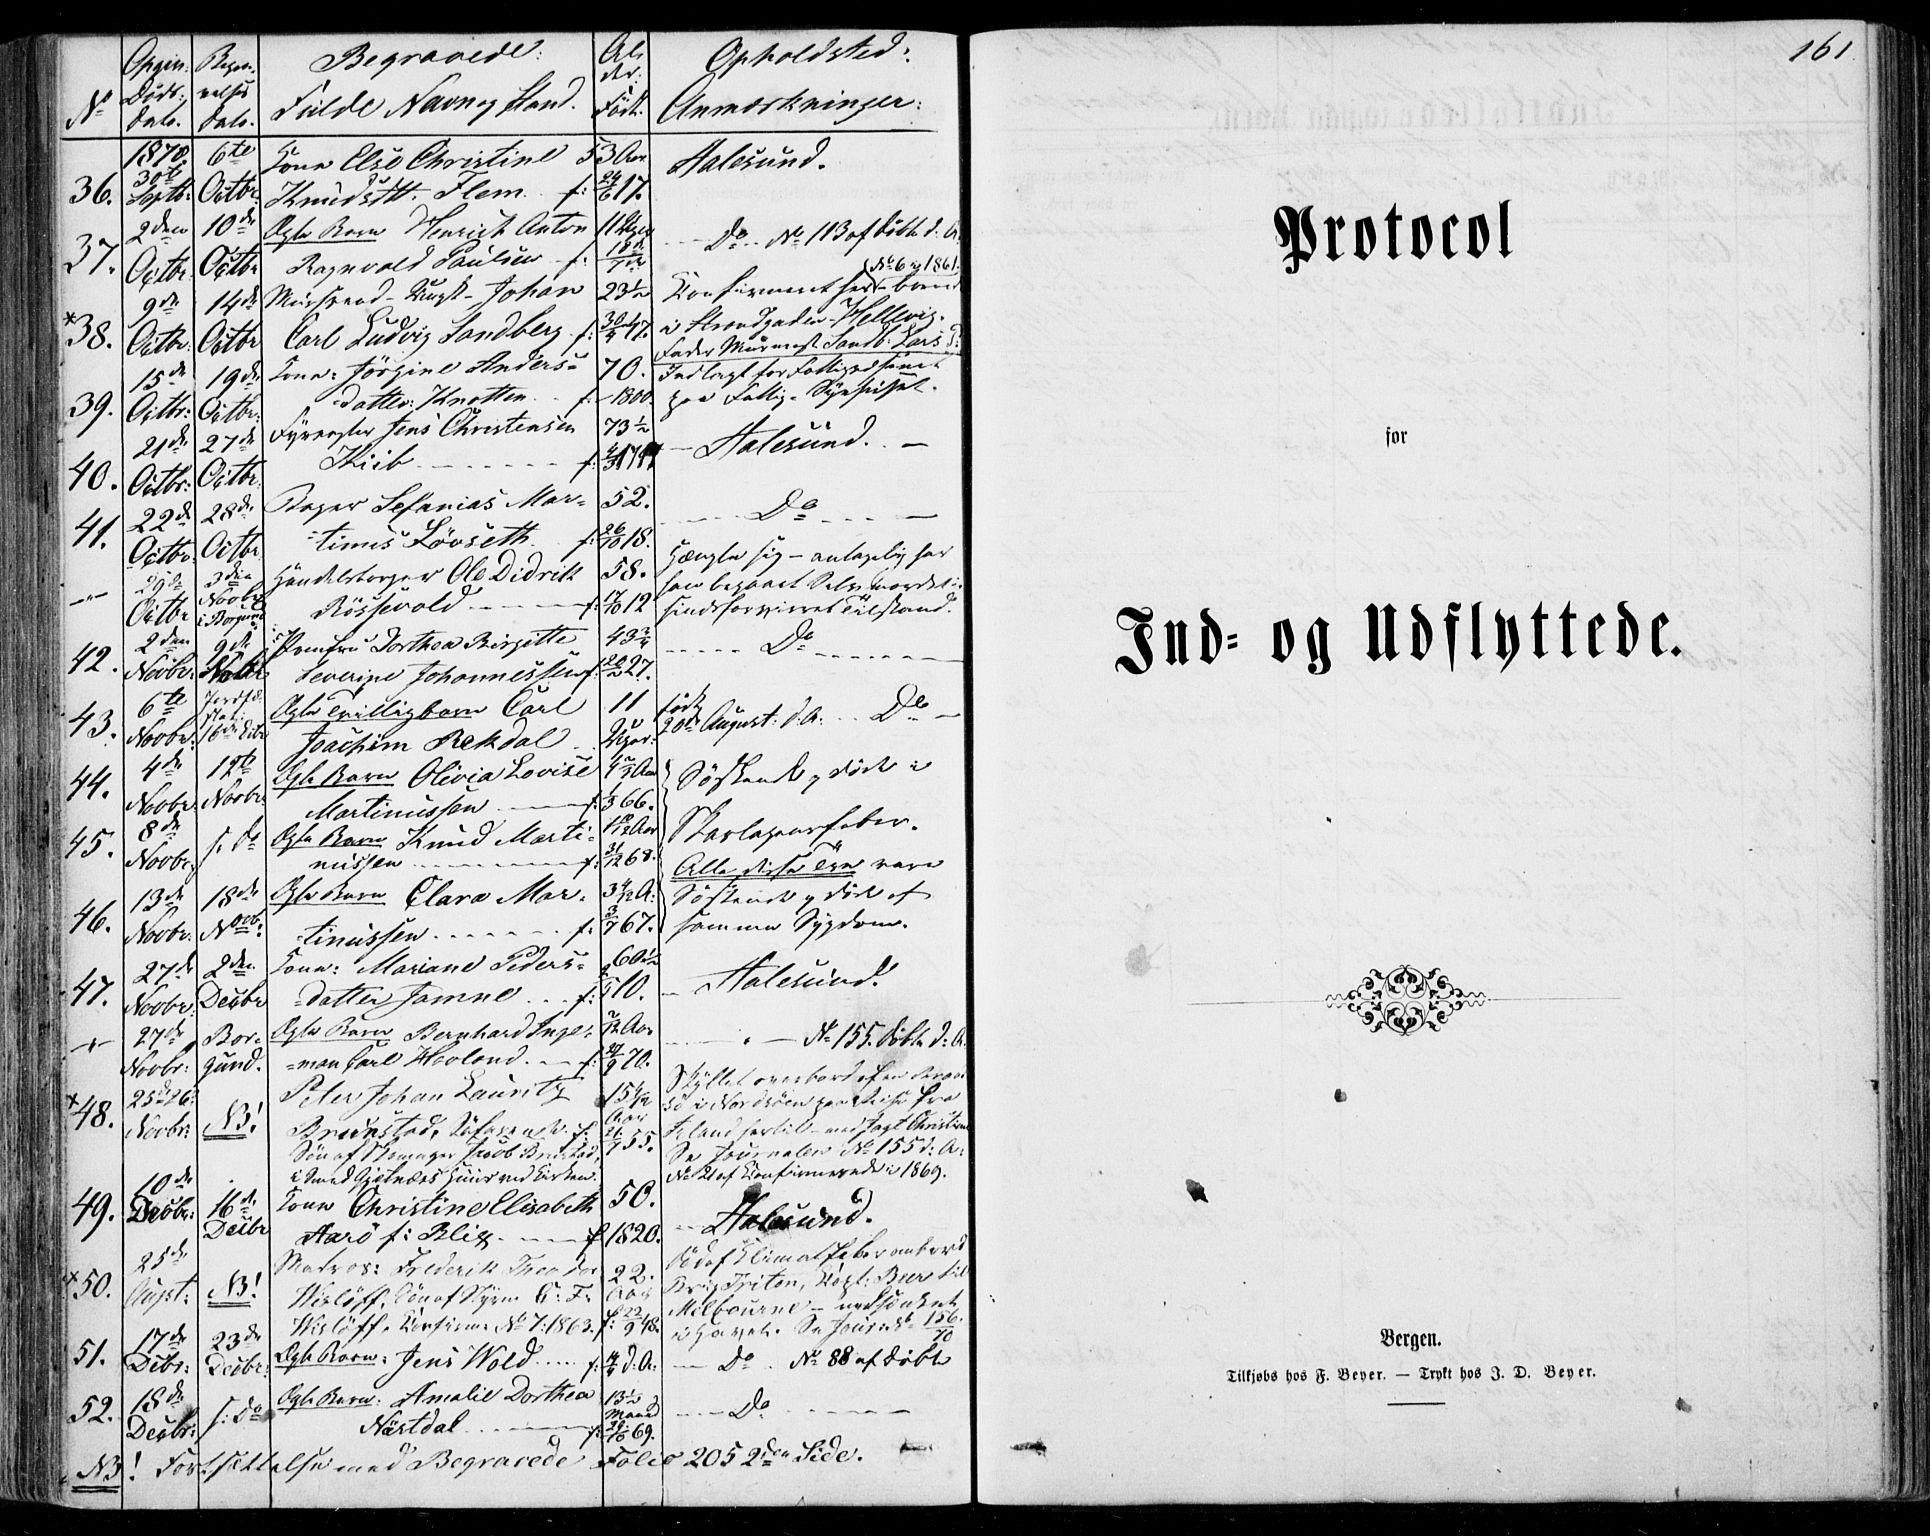 SAT, Ministerialprotokoller, klokkerbøker og fødselsregistre - Møre og Romsdal, 529/L0452: Ministerialbok nr. 529A02, 1864-1871, s. 161